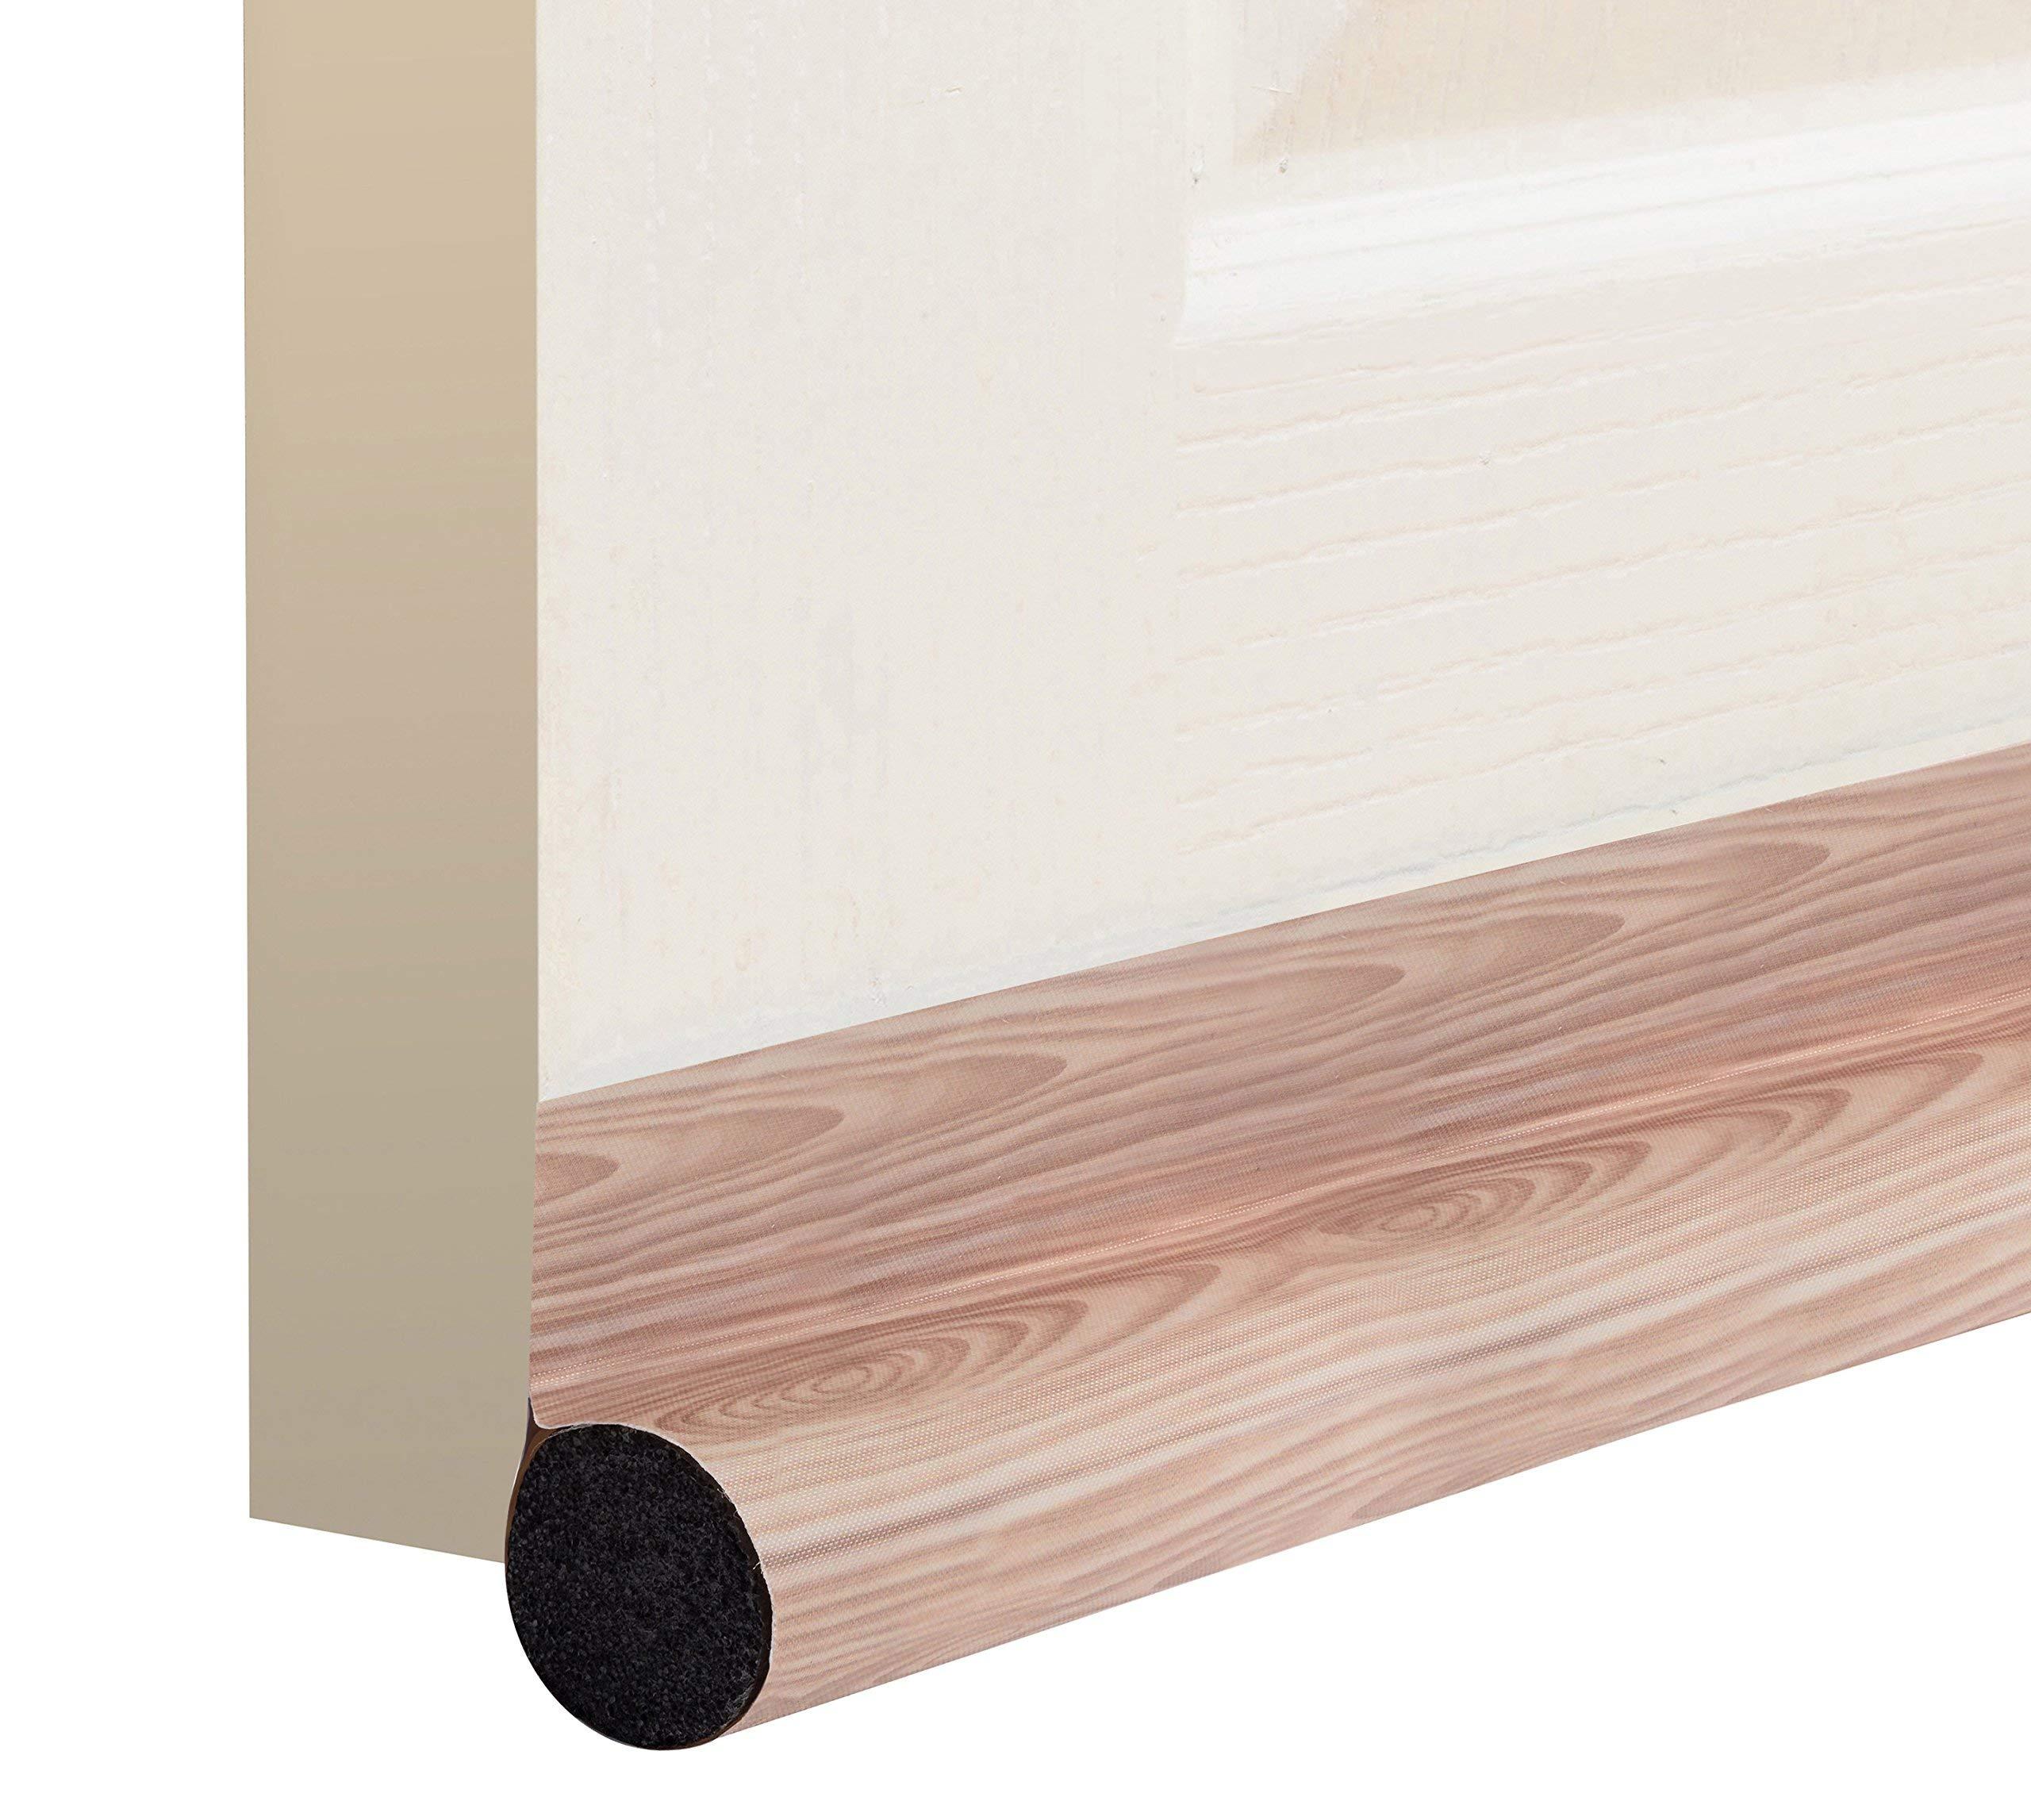 """Door Draft Stopper 36"""": One Sided Door insulator/ Velcro Self-Adhesive Seal Fits To Bottom Of Door / Under Door Draft Blocker / Door Weather Stripping(Light Walnut Wood grain)"""